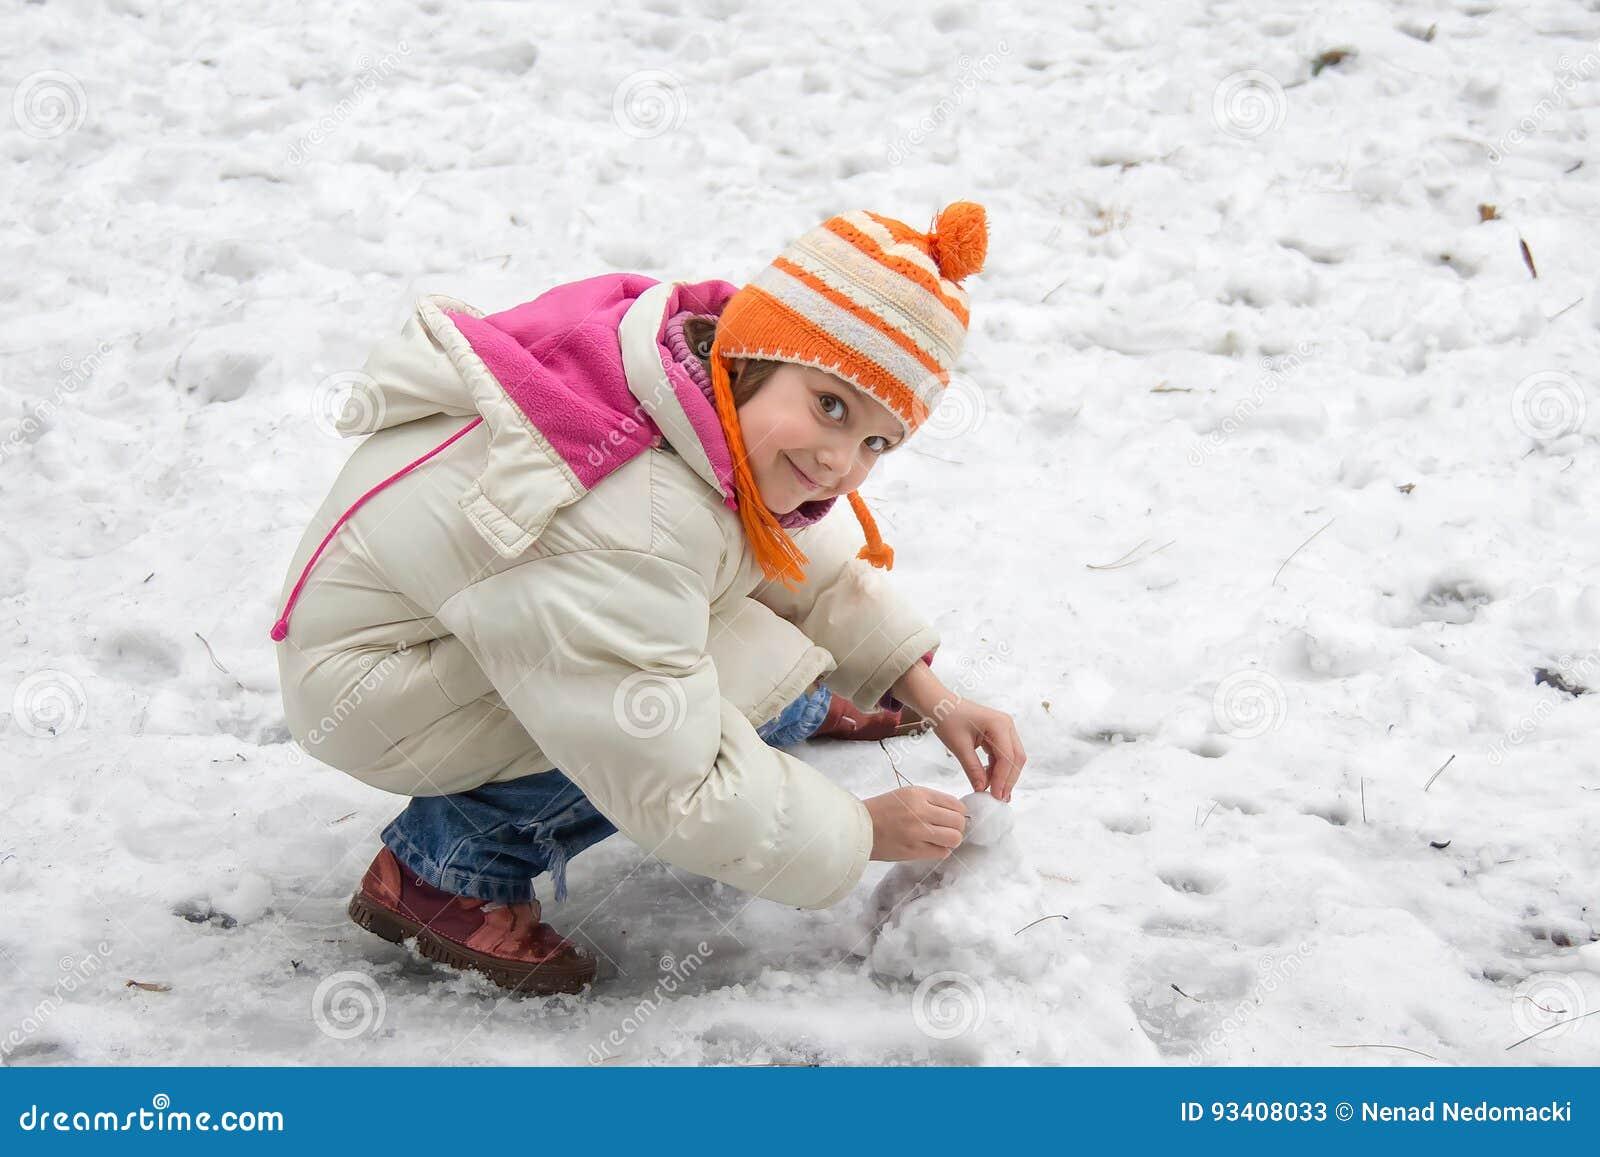 Χαριτωμένο μικρό κορίτσι στο χιόνι